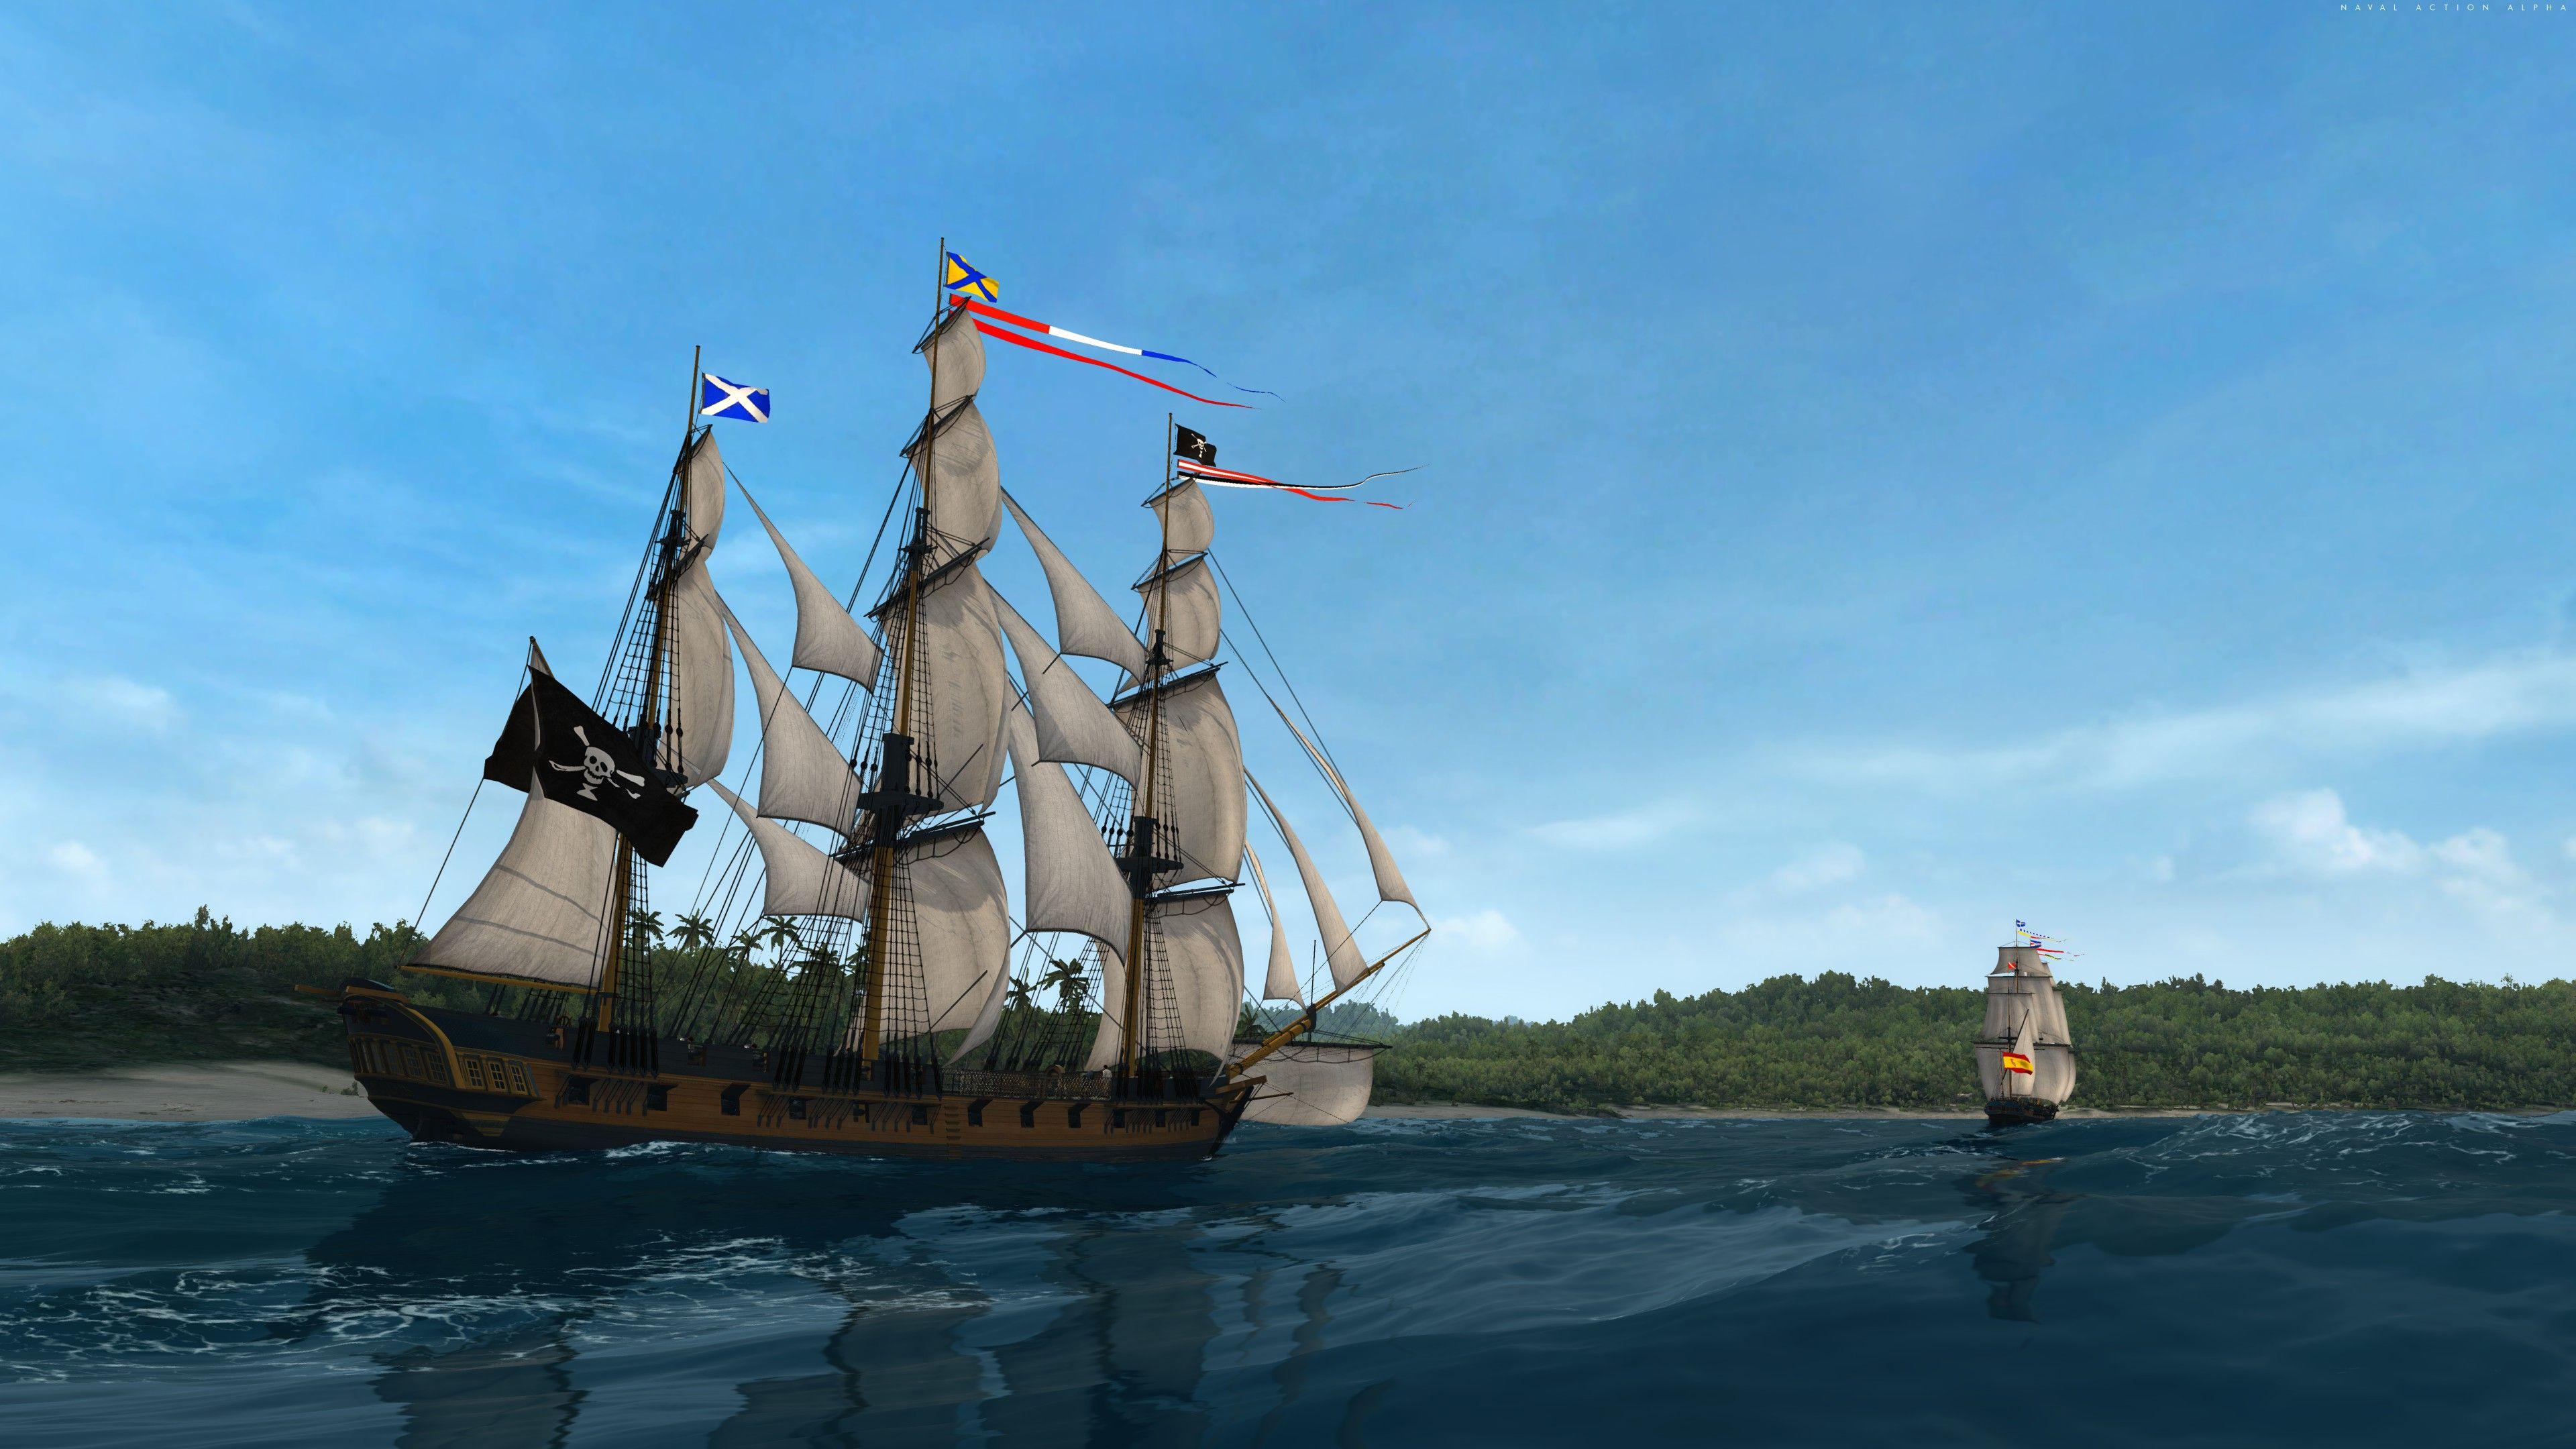 sail1haaoq.jpg